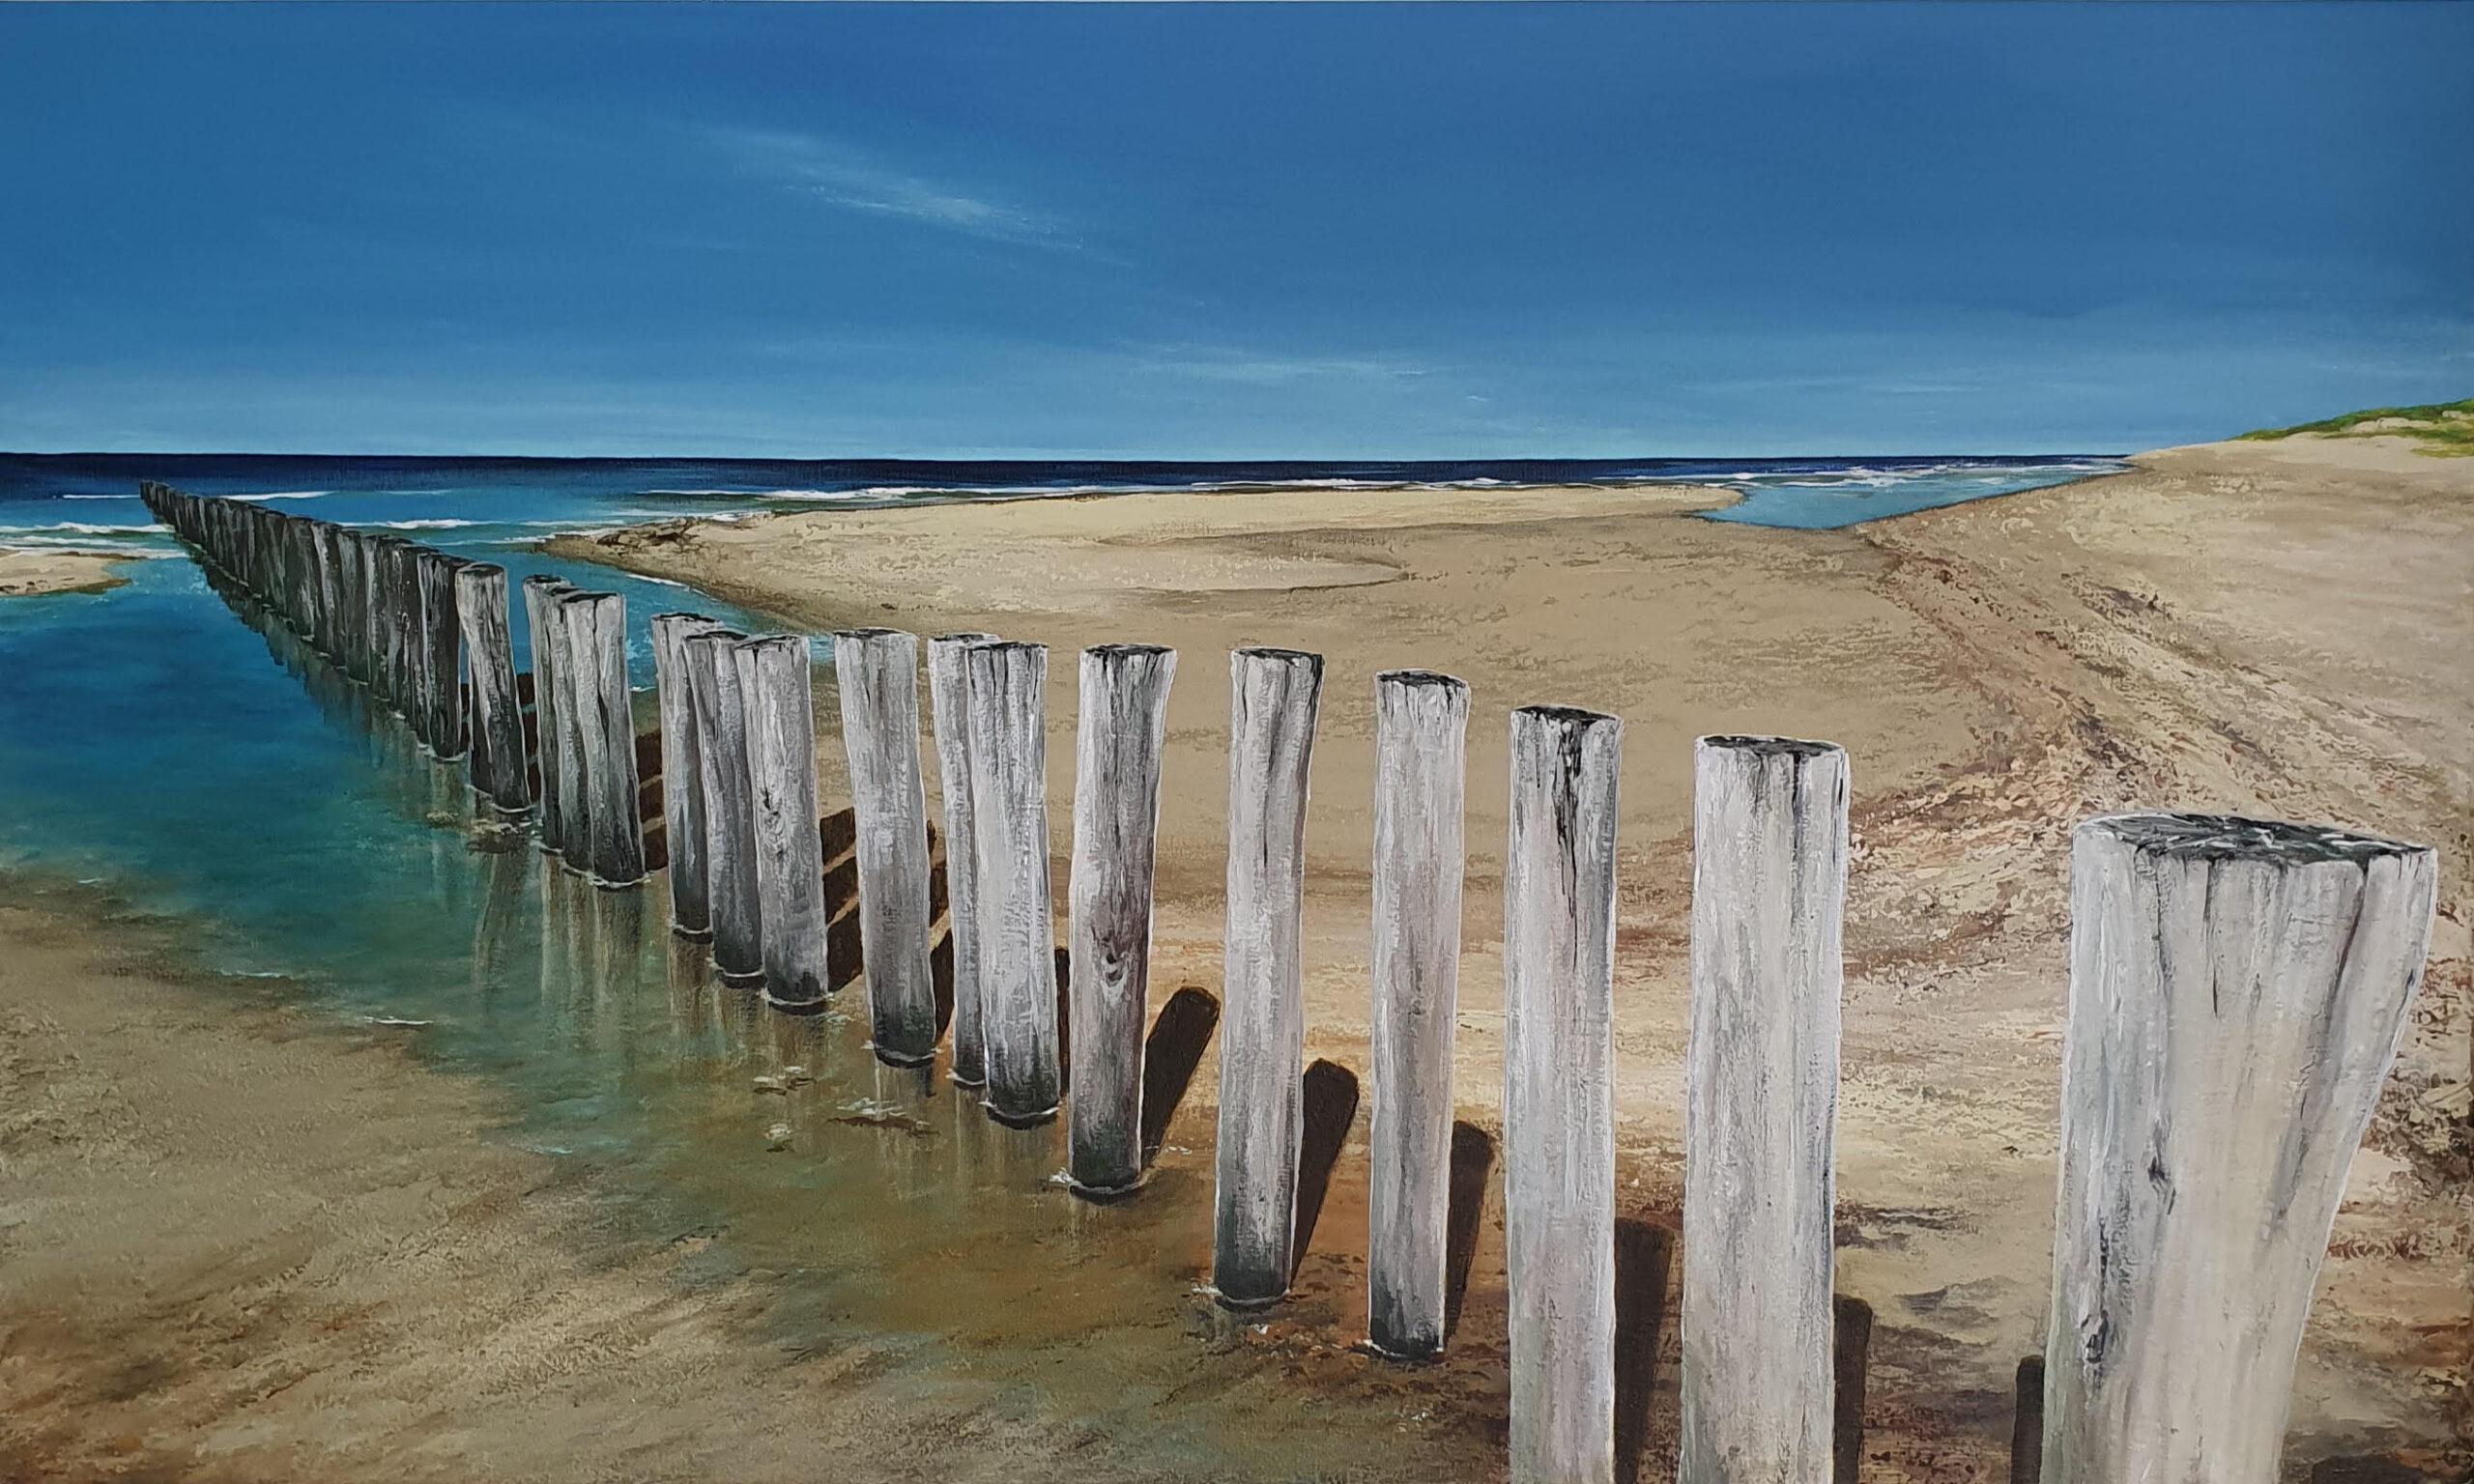 schilderij van een zeegezicht met strandpalen zee, strand en duinen